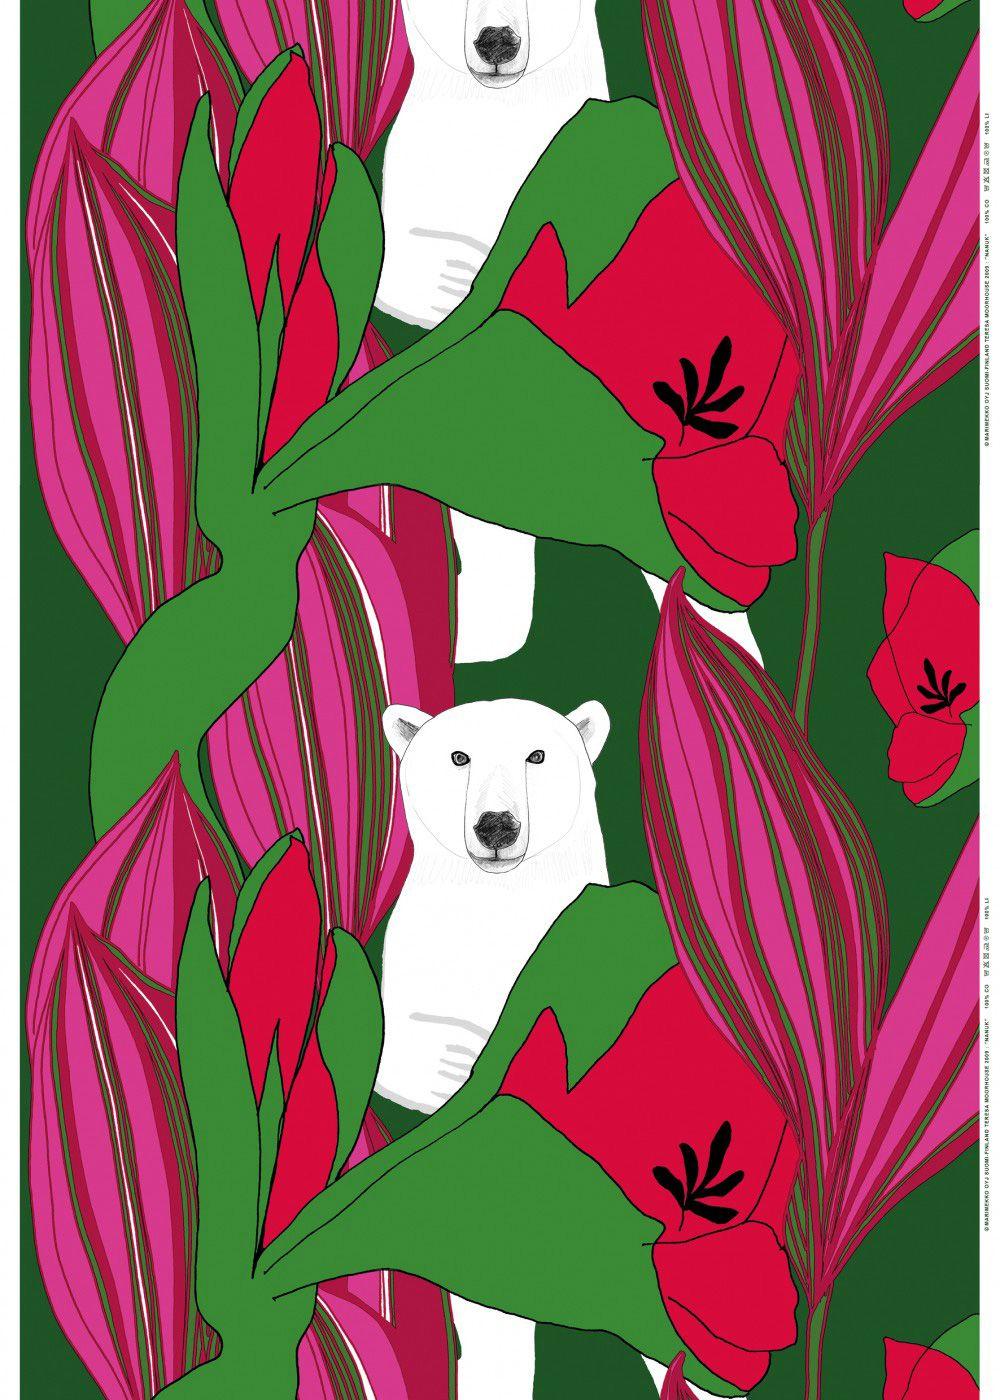 Nanuk fabric by Marimekko //